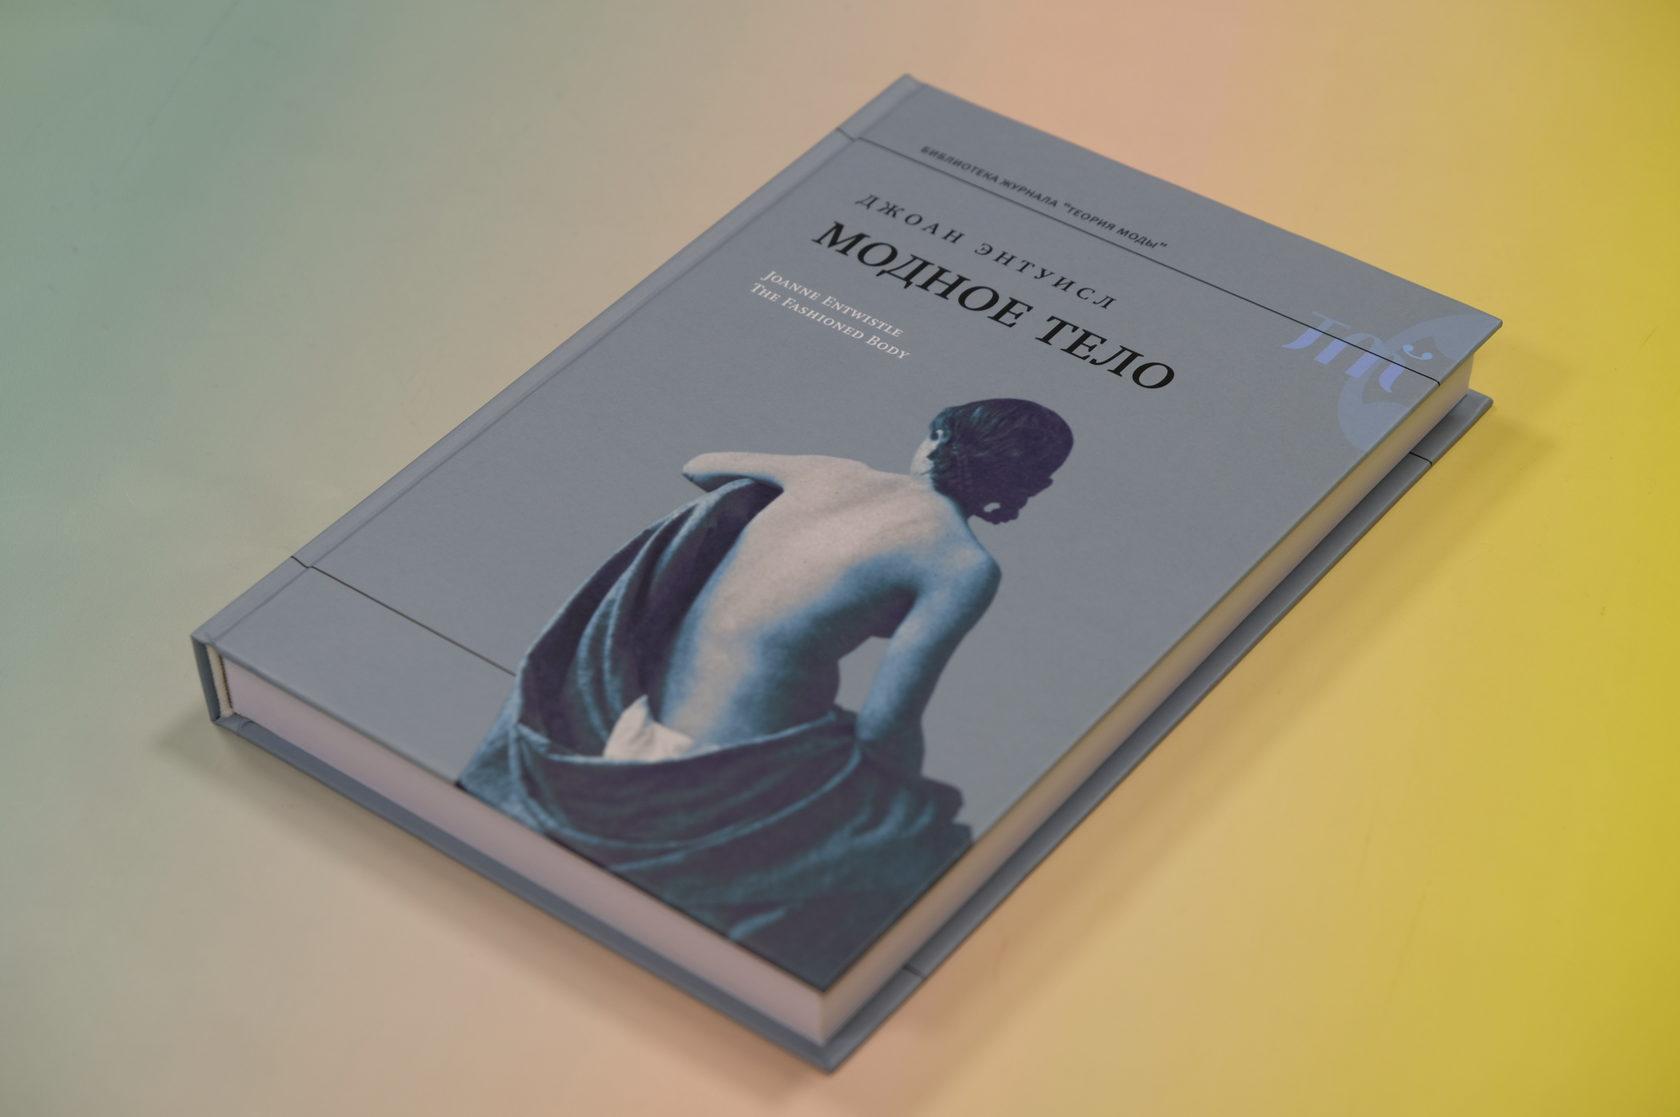 Джоан Энтуисл «Модное тело. Мода, костюм и современная социальная теория» 978-5-4448-1156-6